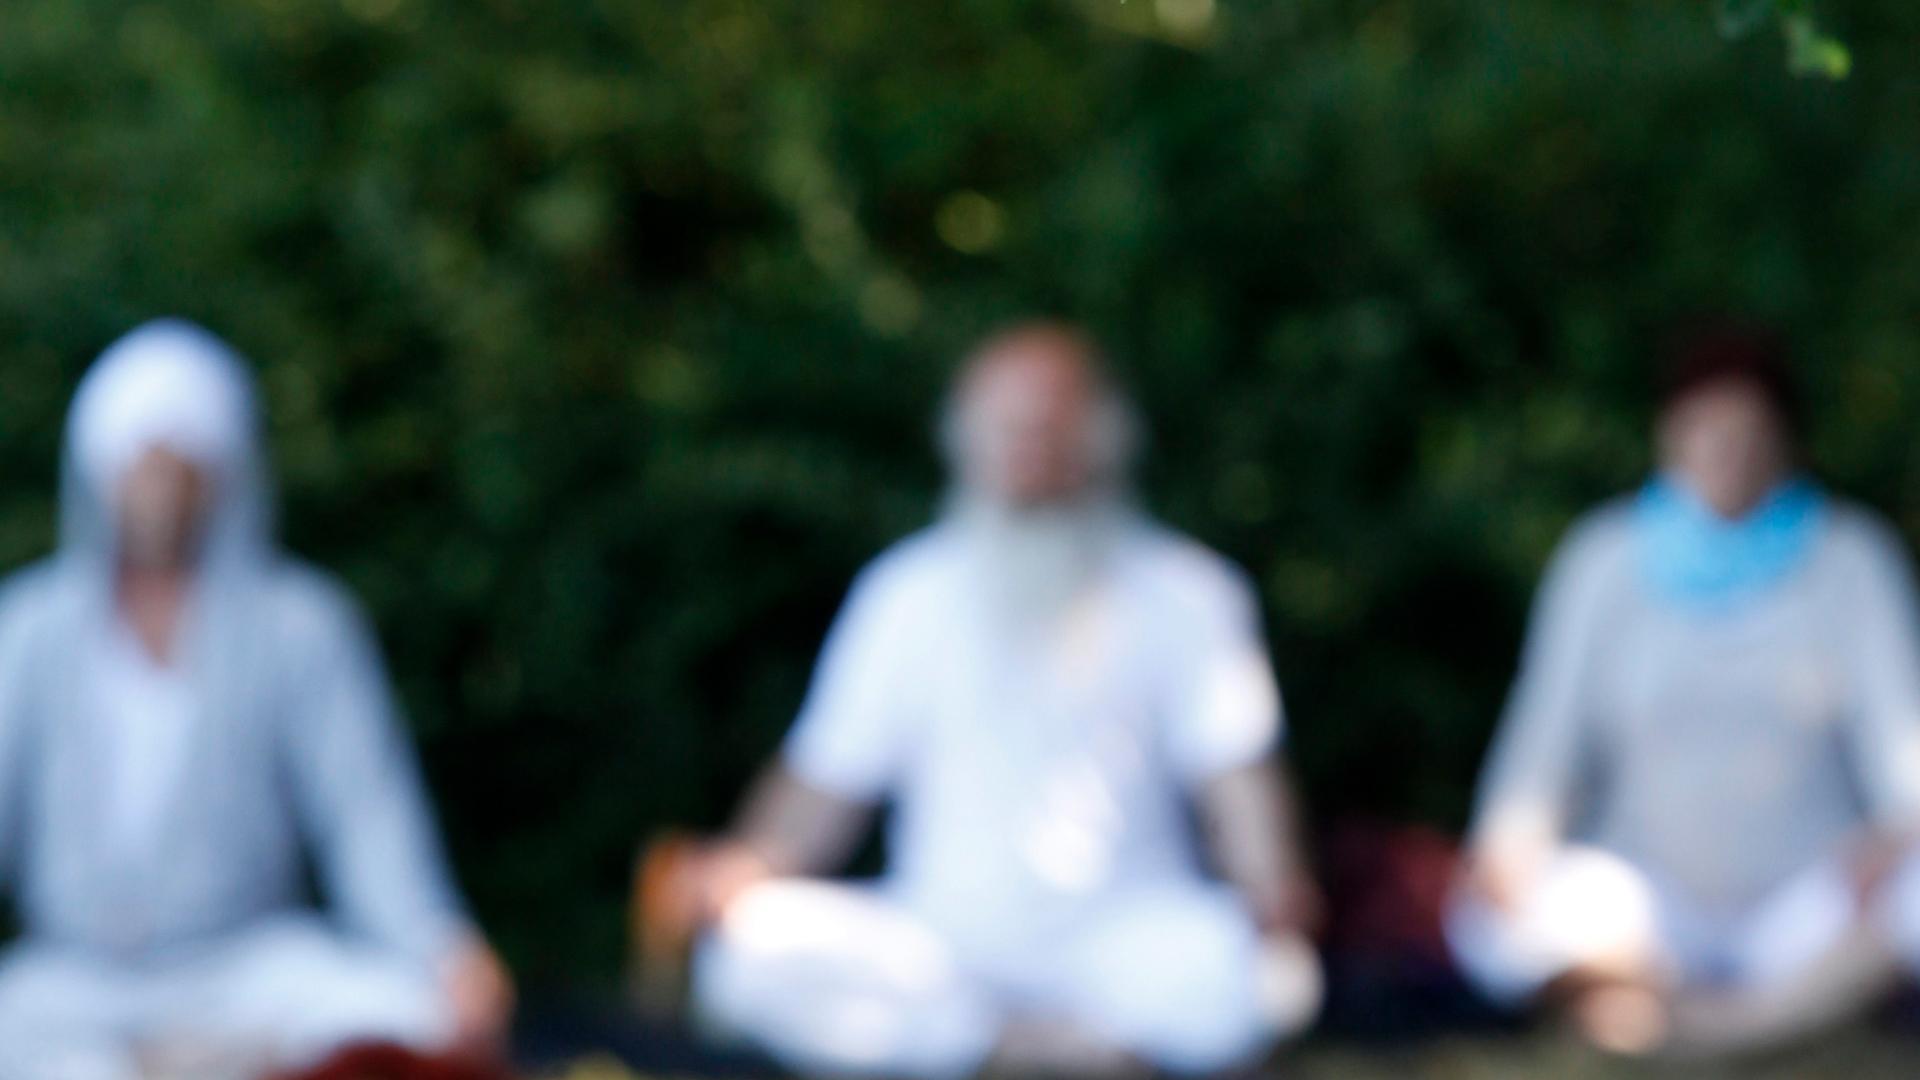 Radiofortællinger: Radiofortællinger - Meditation og afmagtMeditation og afmagt 1:2